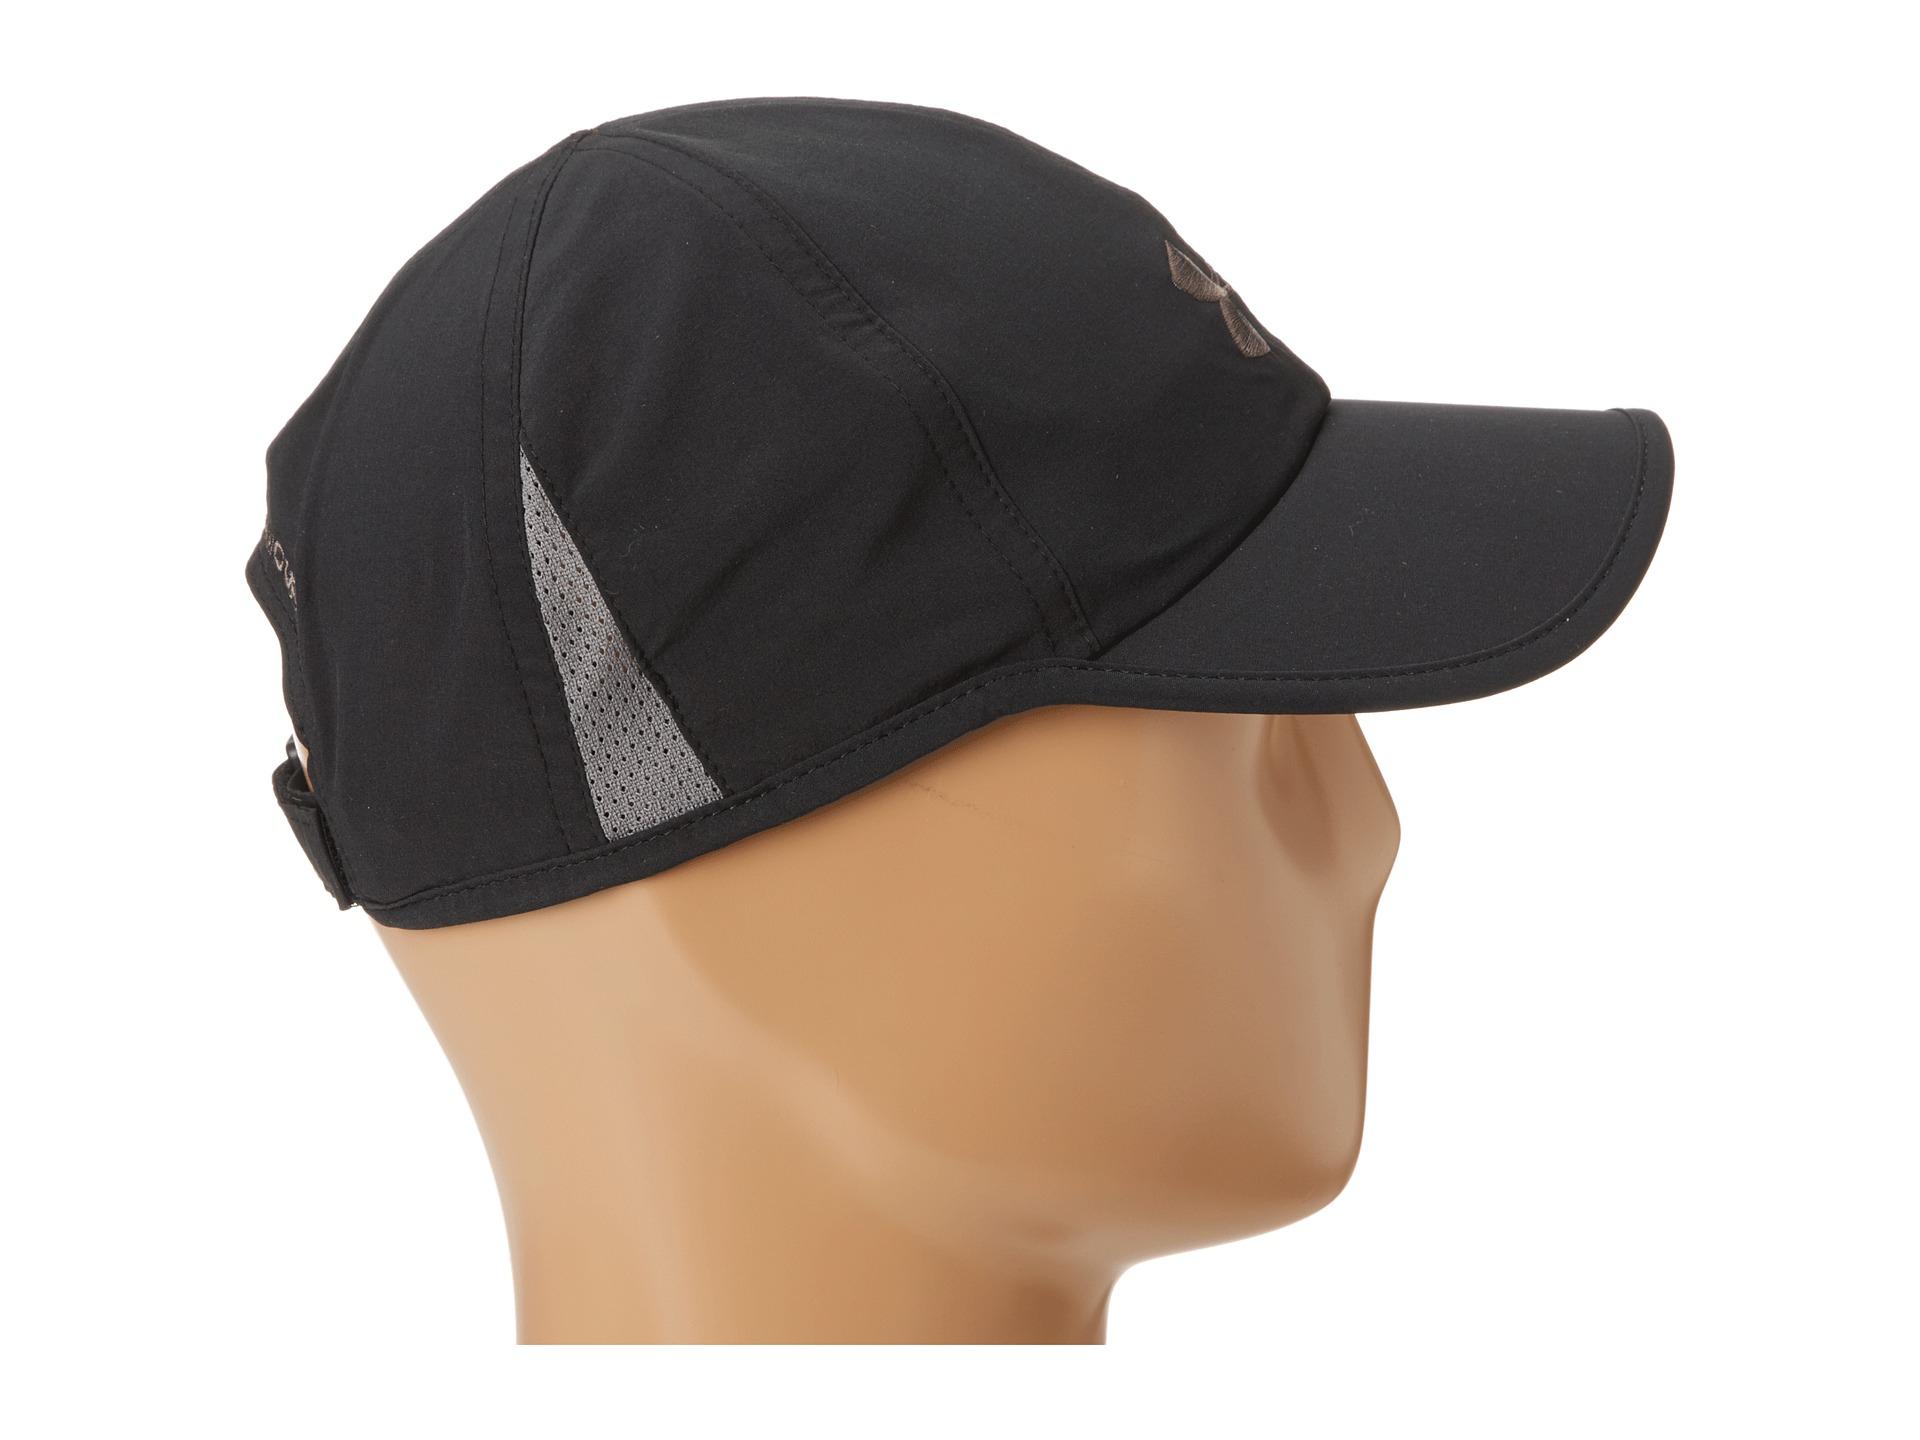 Lyst - Under Armour Shadow Cap in Black dcddaa4ad87